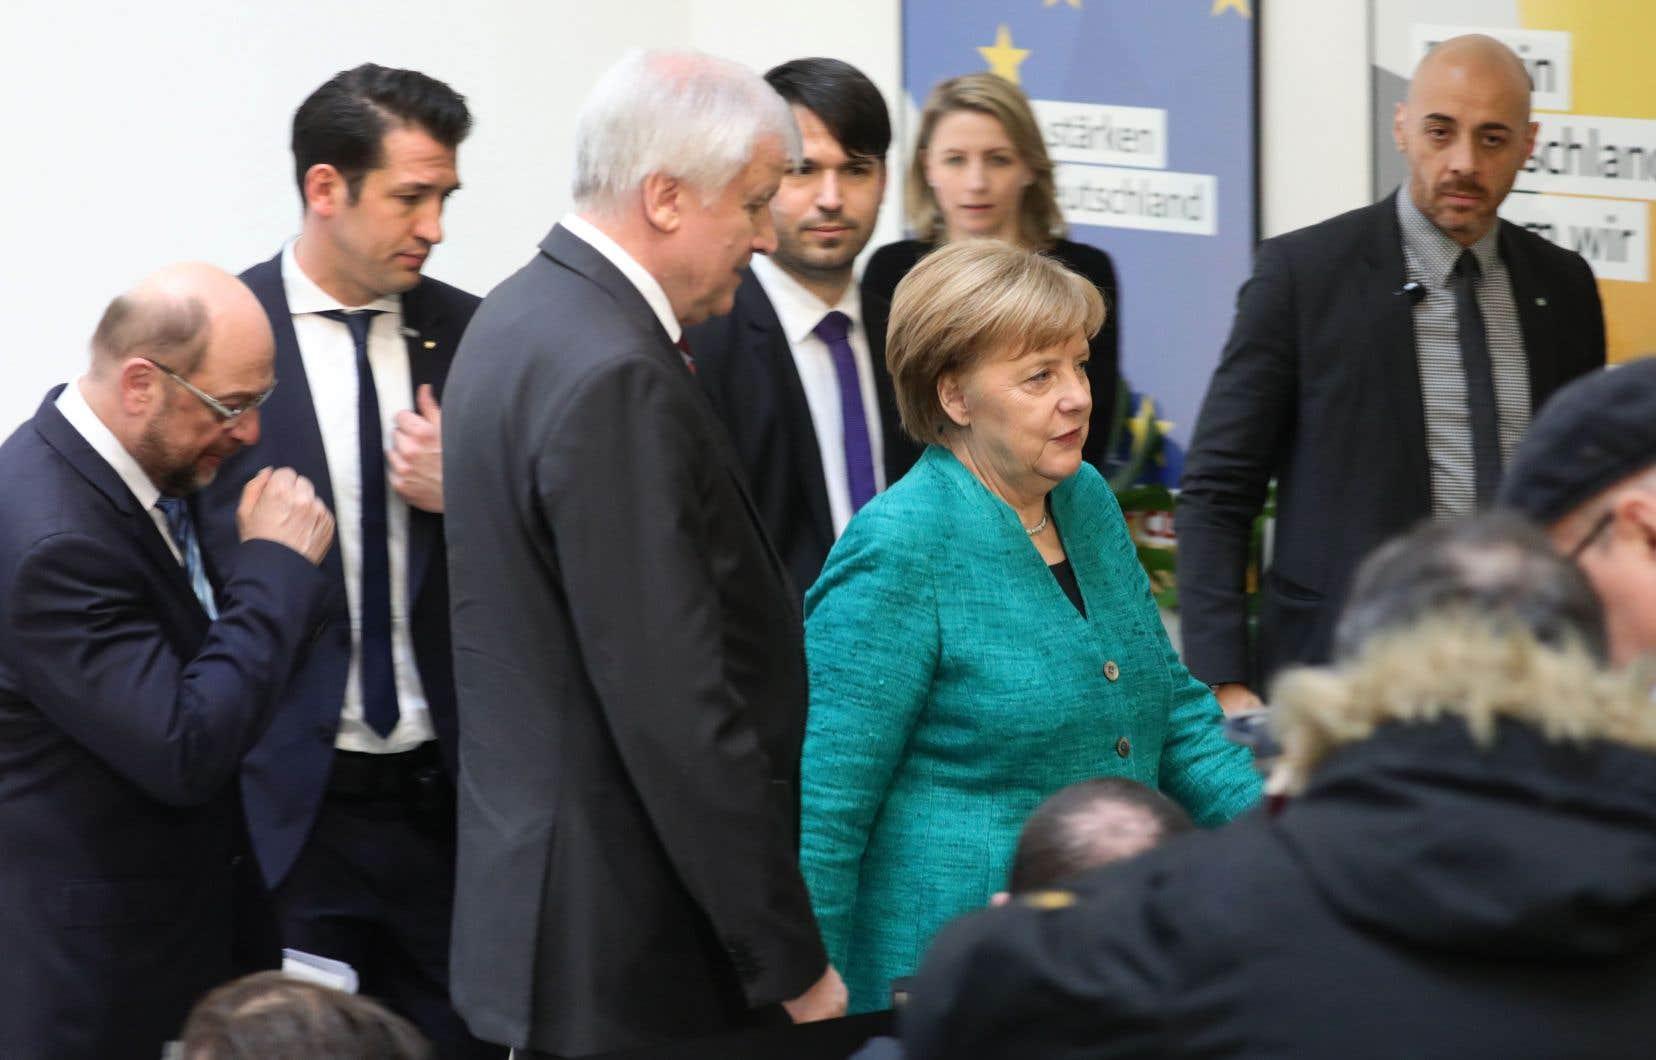 Le leader del'Union chrétienne-sociale (CSU),Horst Seehofer, et la chancelière allemande, Angela Merkel